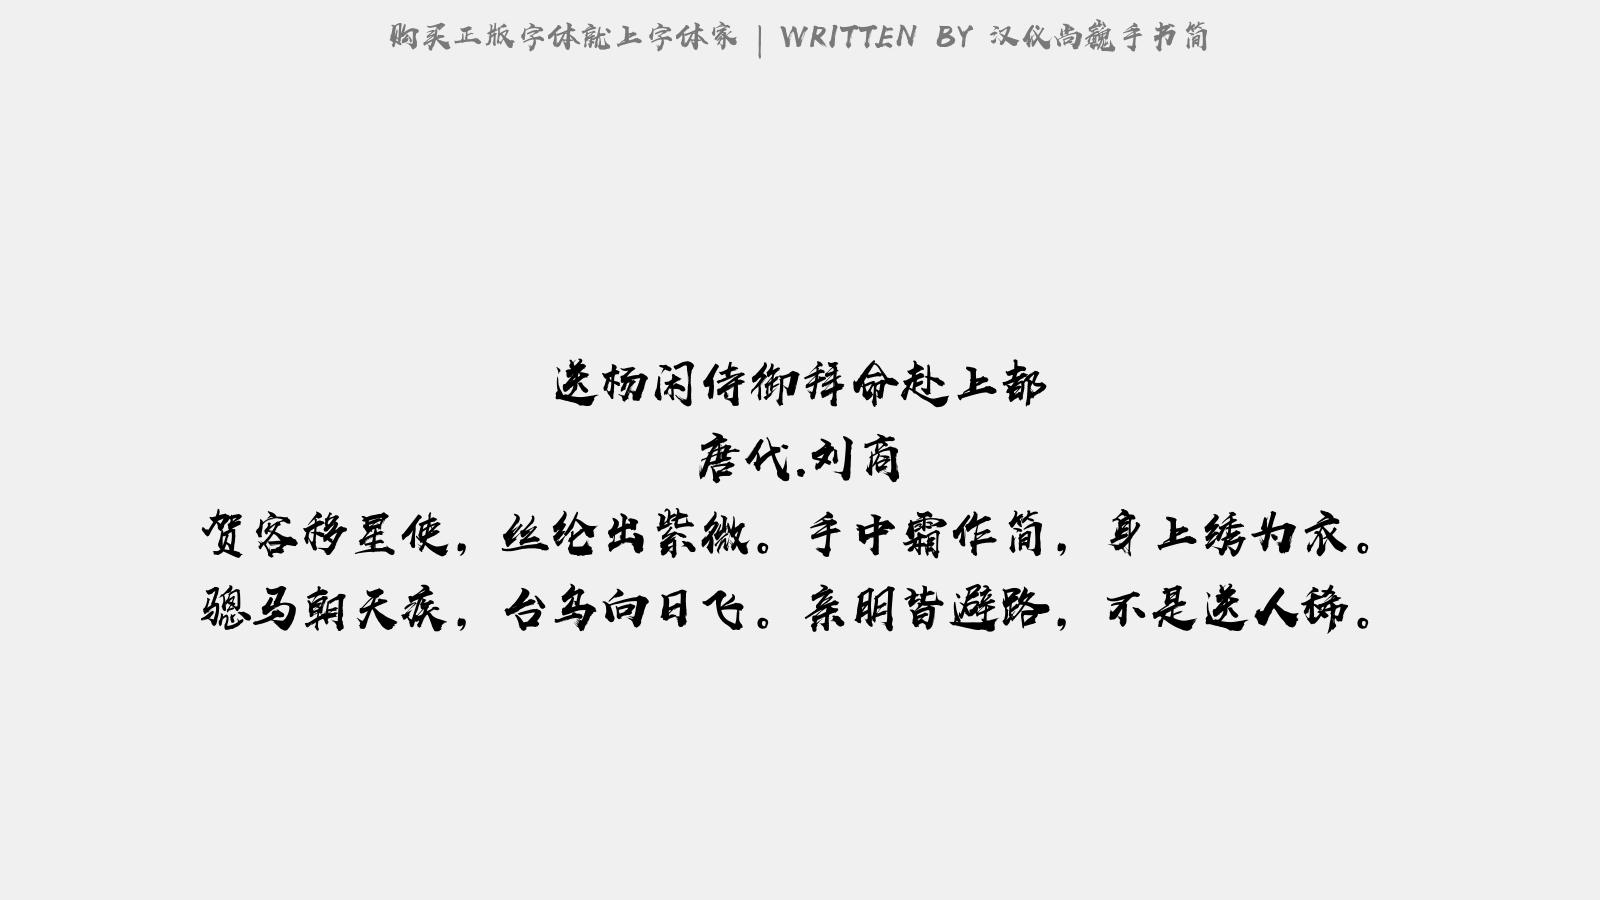 漢儀尚巍手書簡 - 蓮浦謠